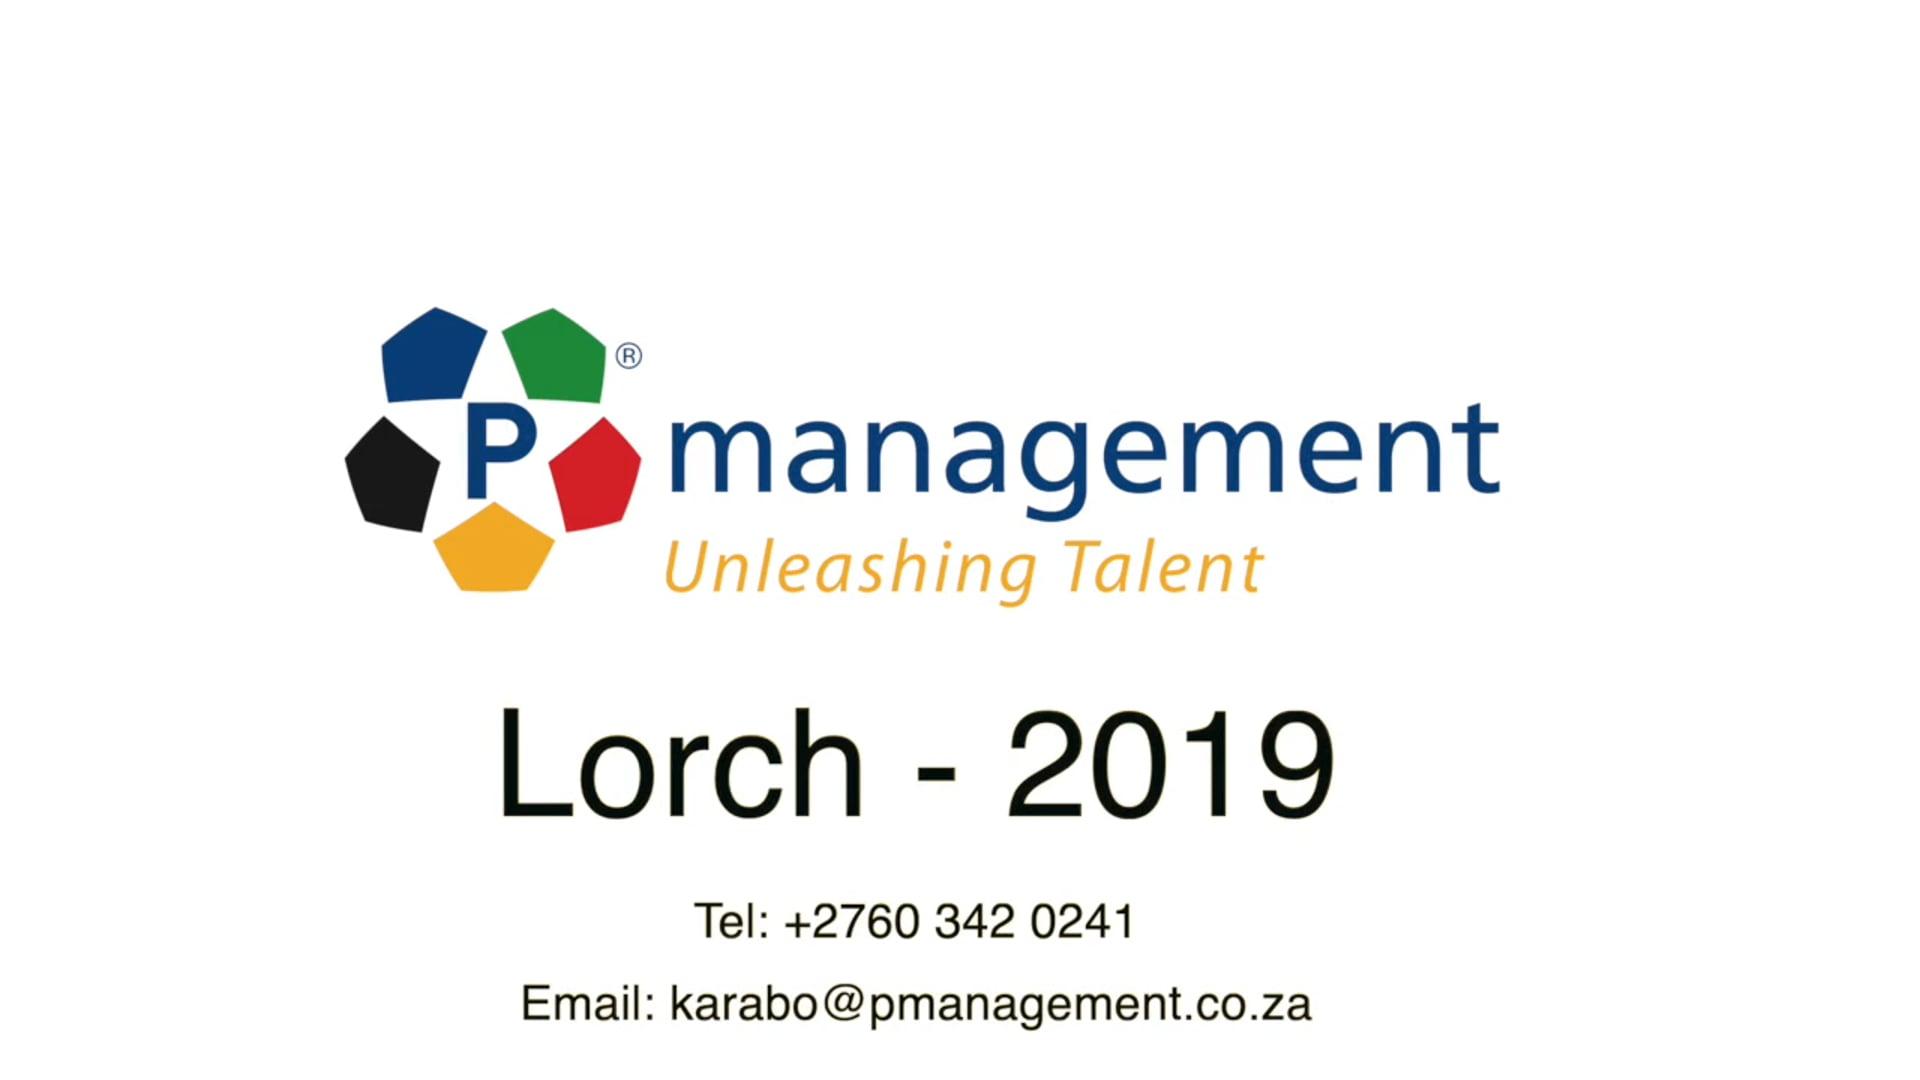 Lorch - PManagement